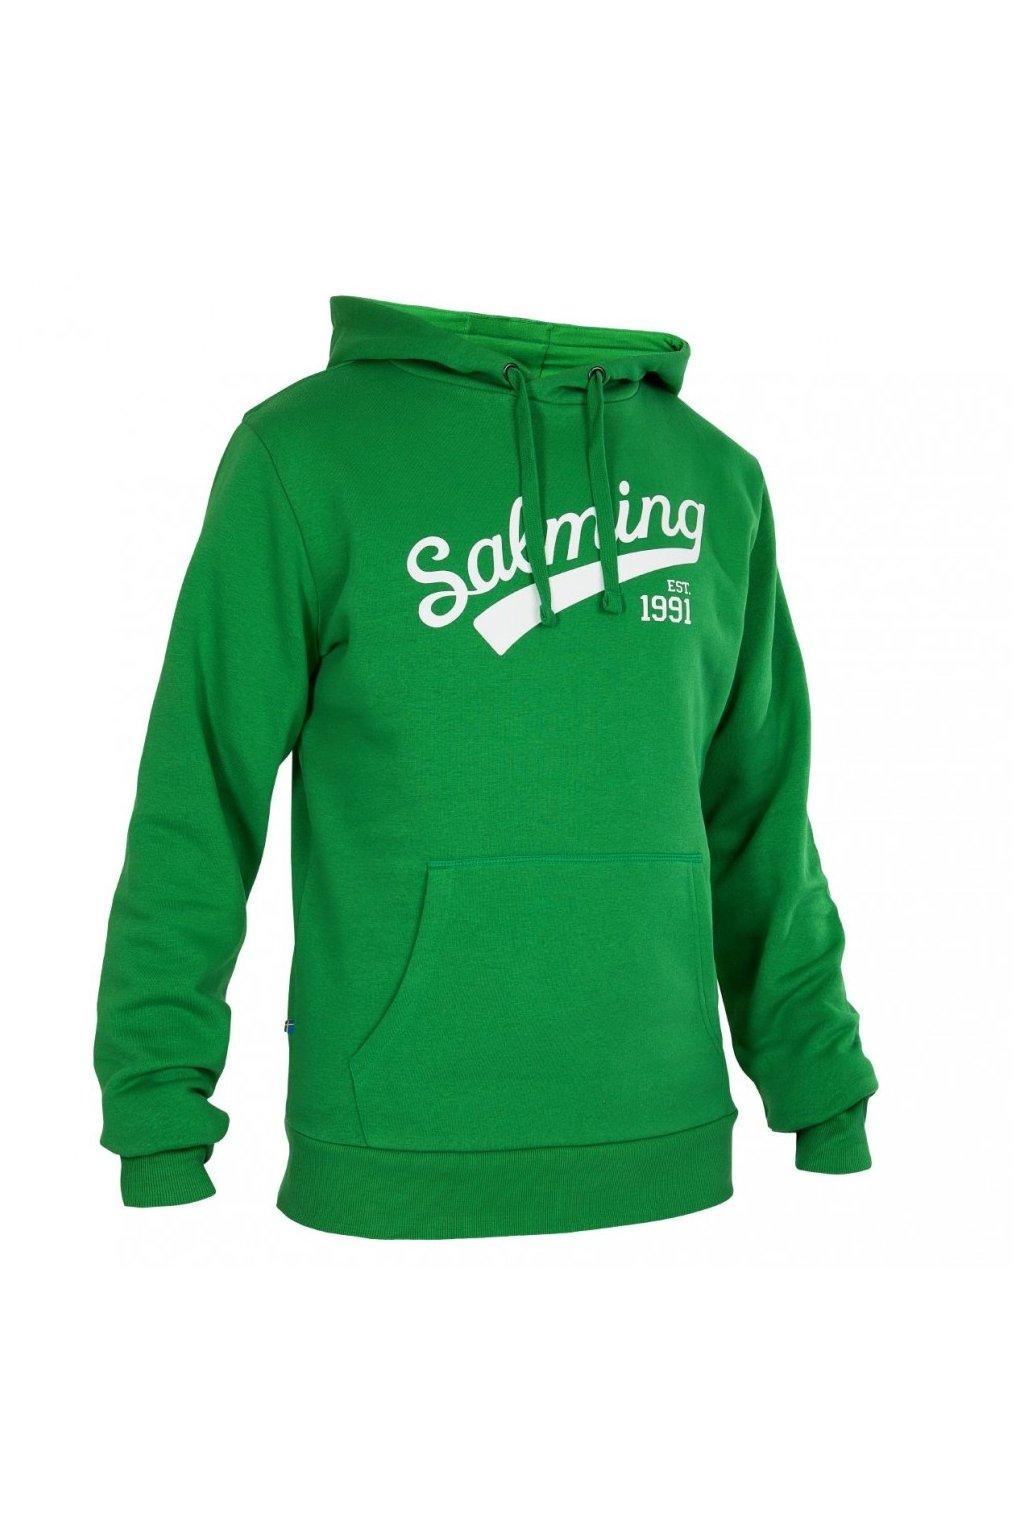 salming logo hood (1)